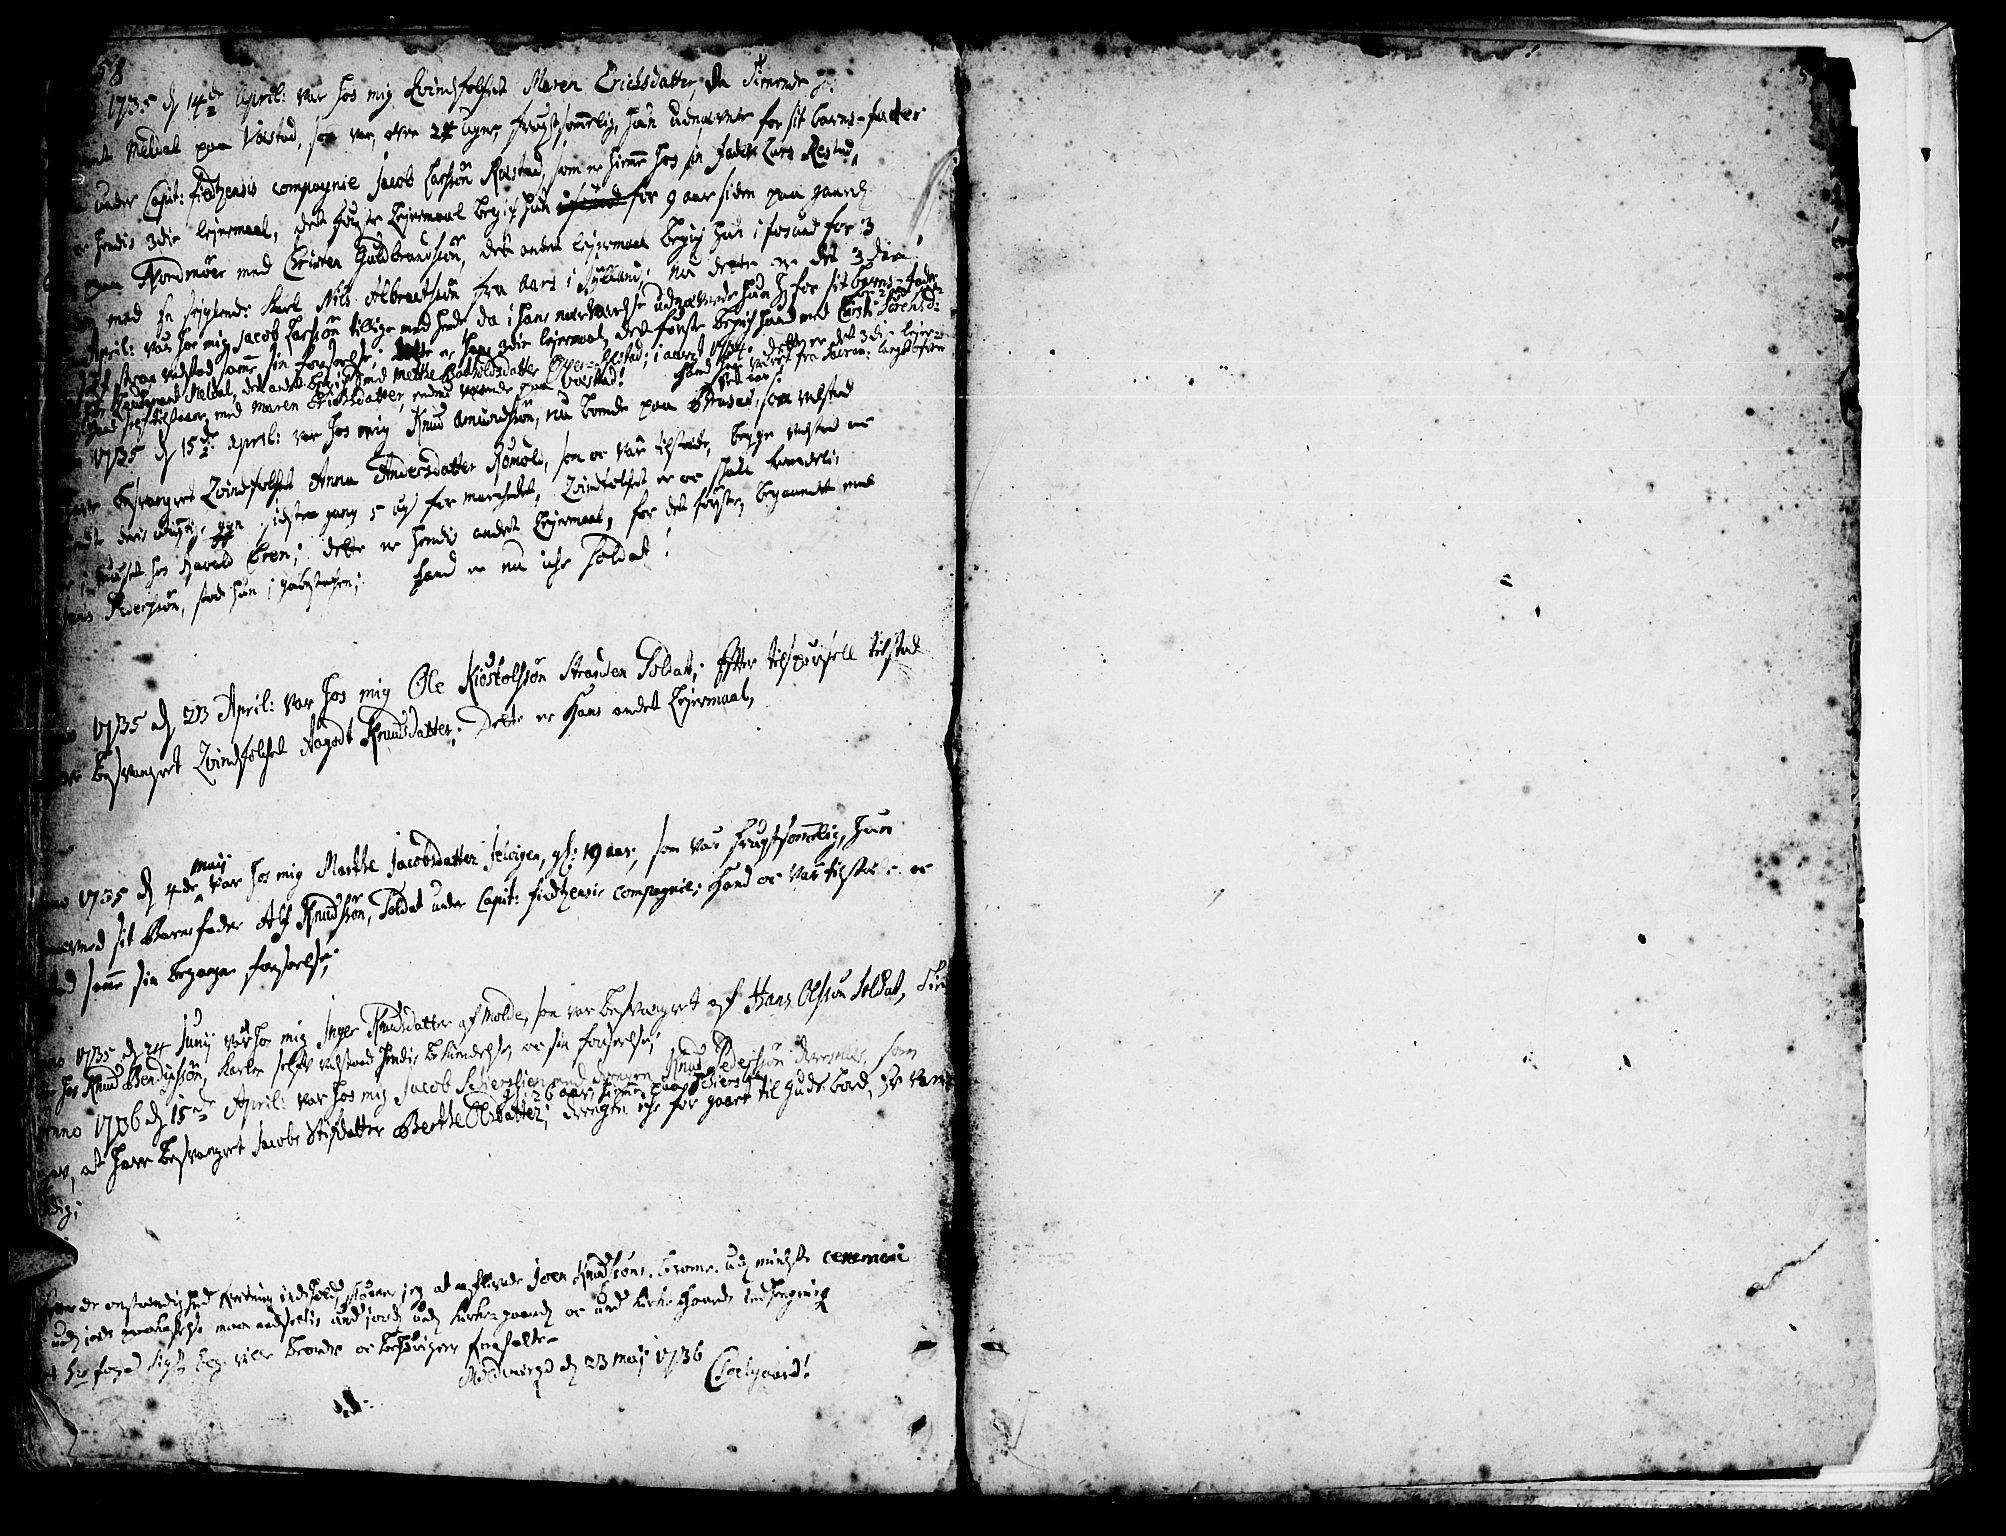 SAT, Ministerialprotokoller, klokkerbøker og fødselsregistre - Møre og Romsdal, 547/L0599: Ministerialbok nr. 547A01, 1721-1764, s. 558